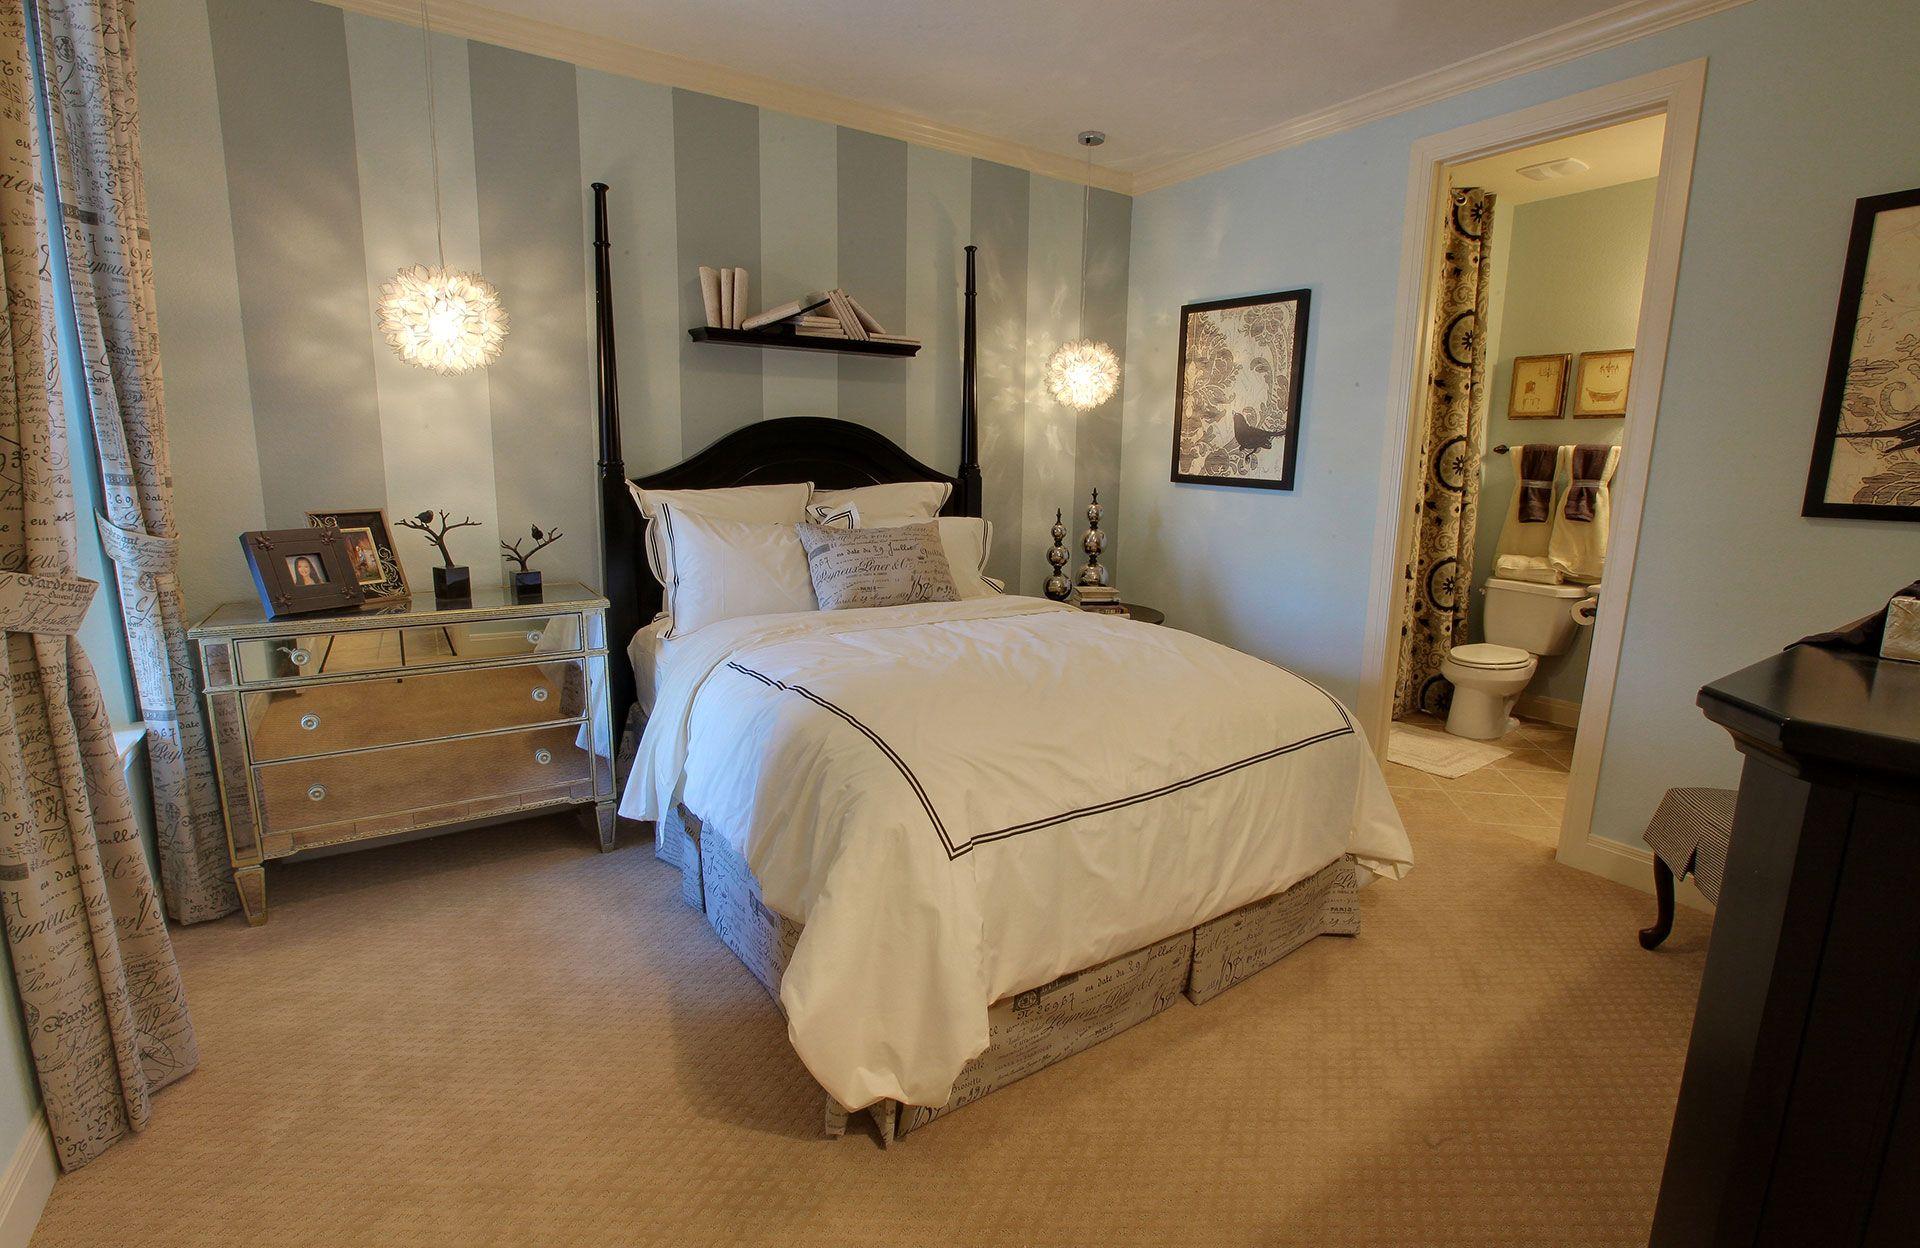 Bedroom-in-Kenwood-at-Caliterra-in-Dripping Springs